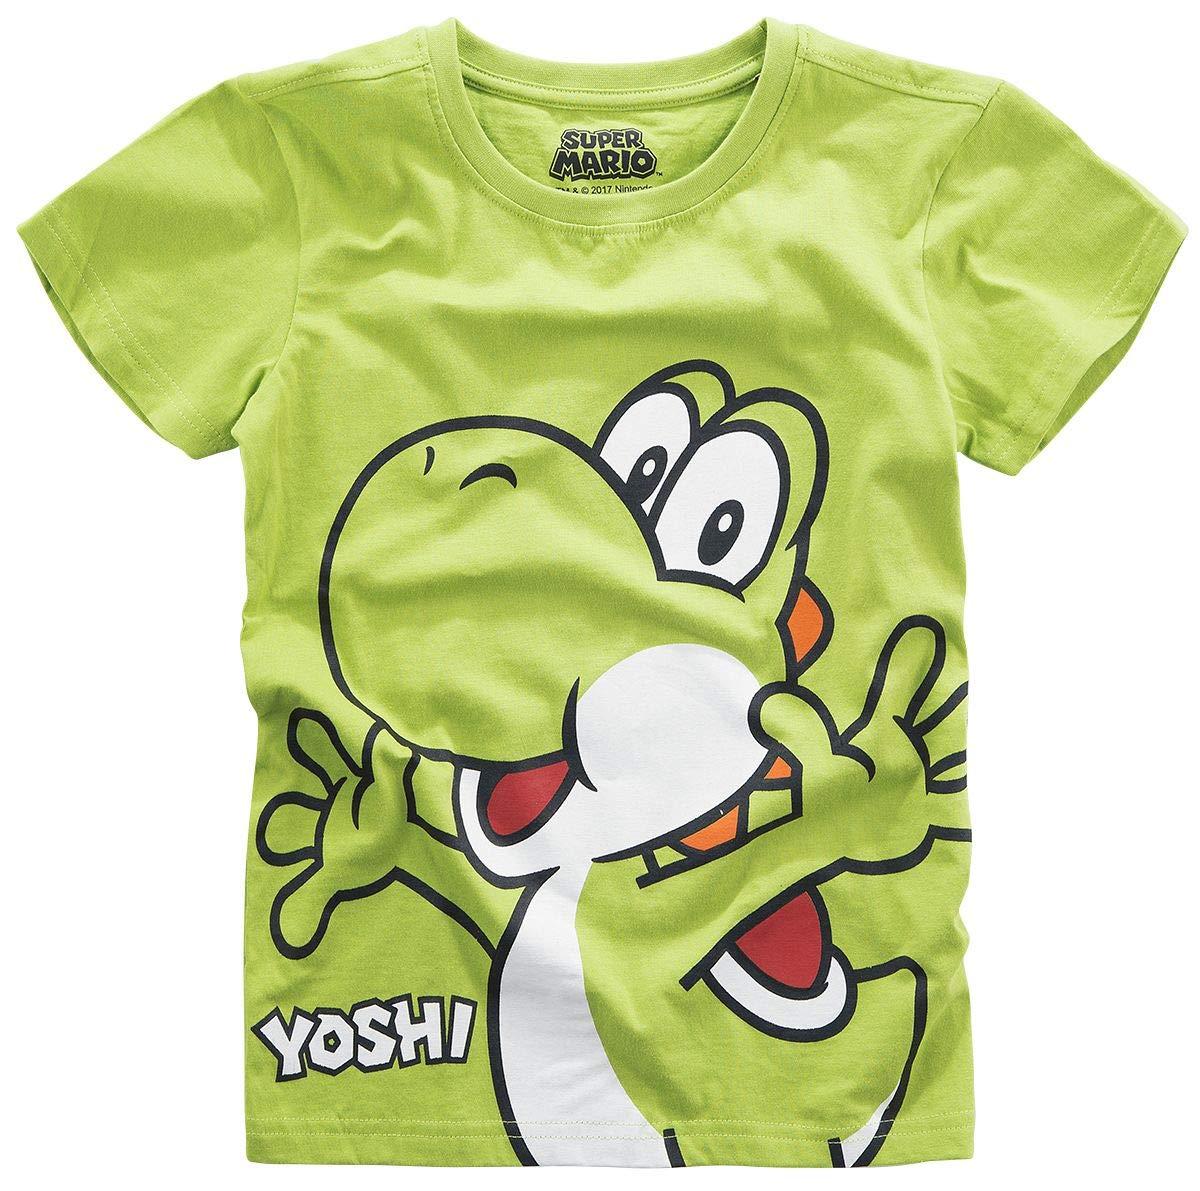 Super Mario Yoshi Kids Shirt Green